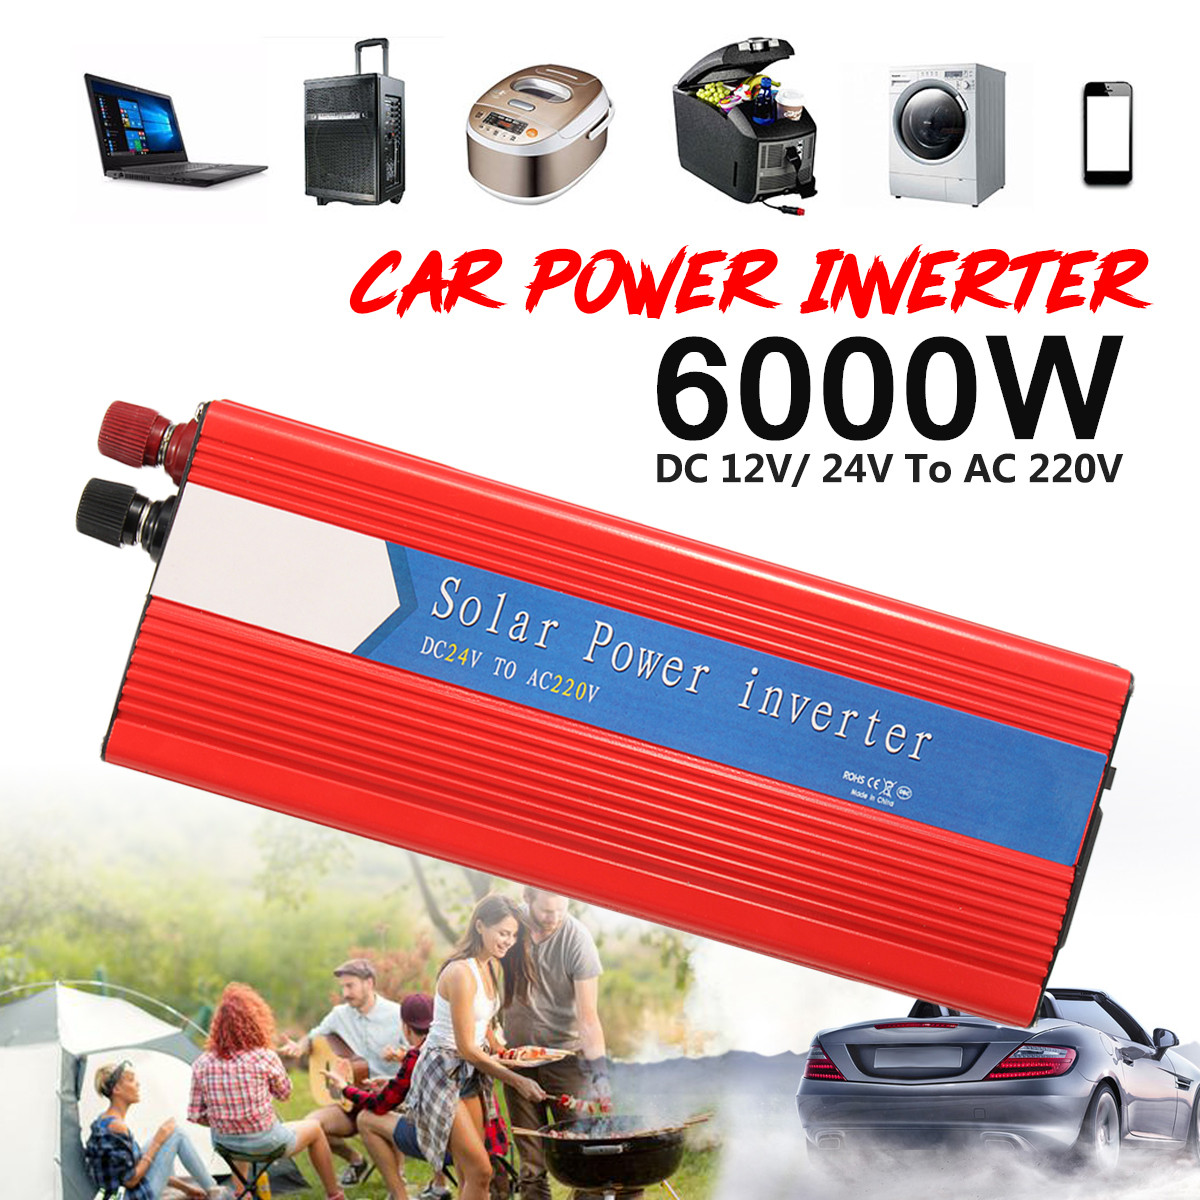 Пик 6000 Вт автомобиля Мощность инвертор волна преобразователь 12/24 В к AC 220/110 В USB синуса Напряжение трансформатор Универсальный Интеллектуал...